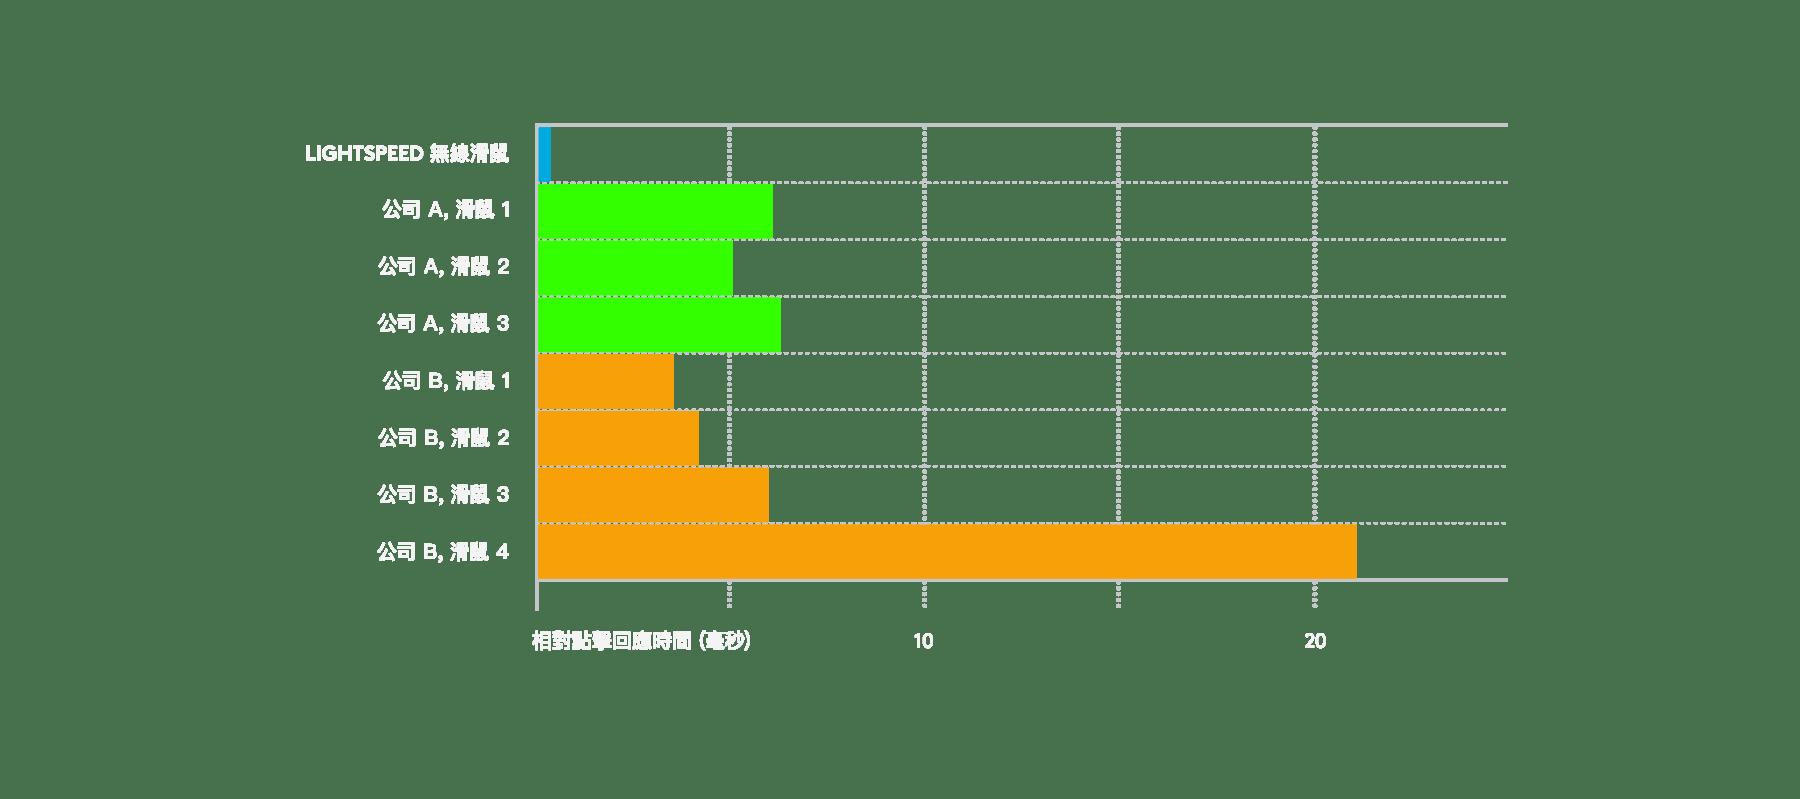 圖表顯示 LIGHTSPEED 無線技術比競爭產品更快